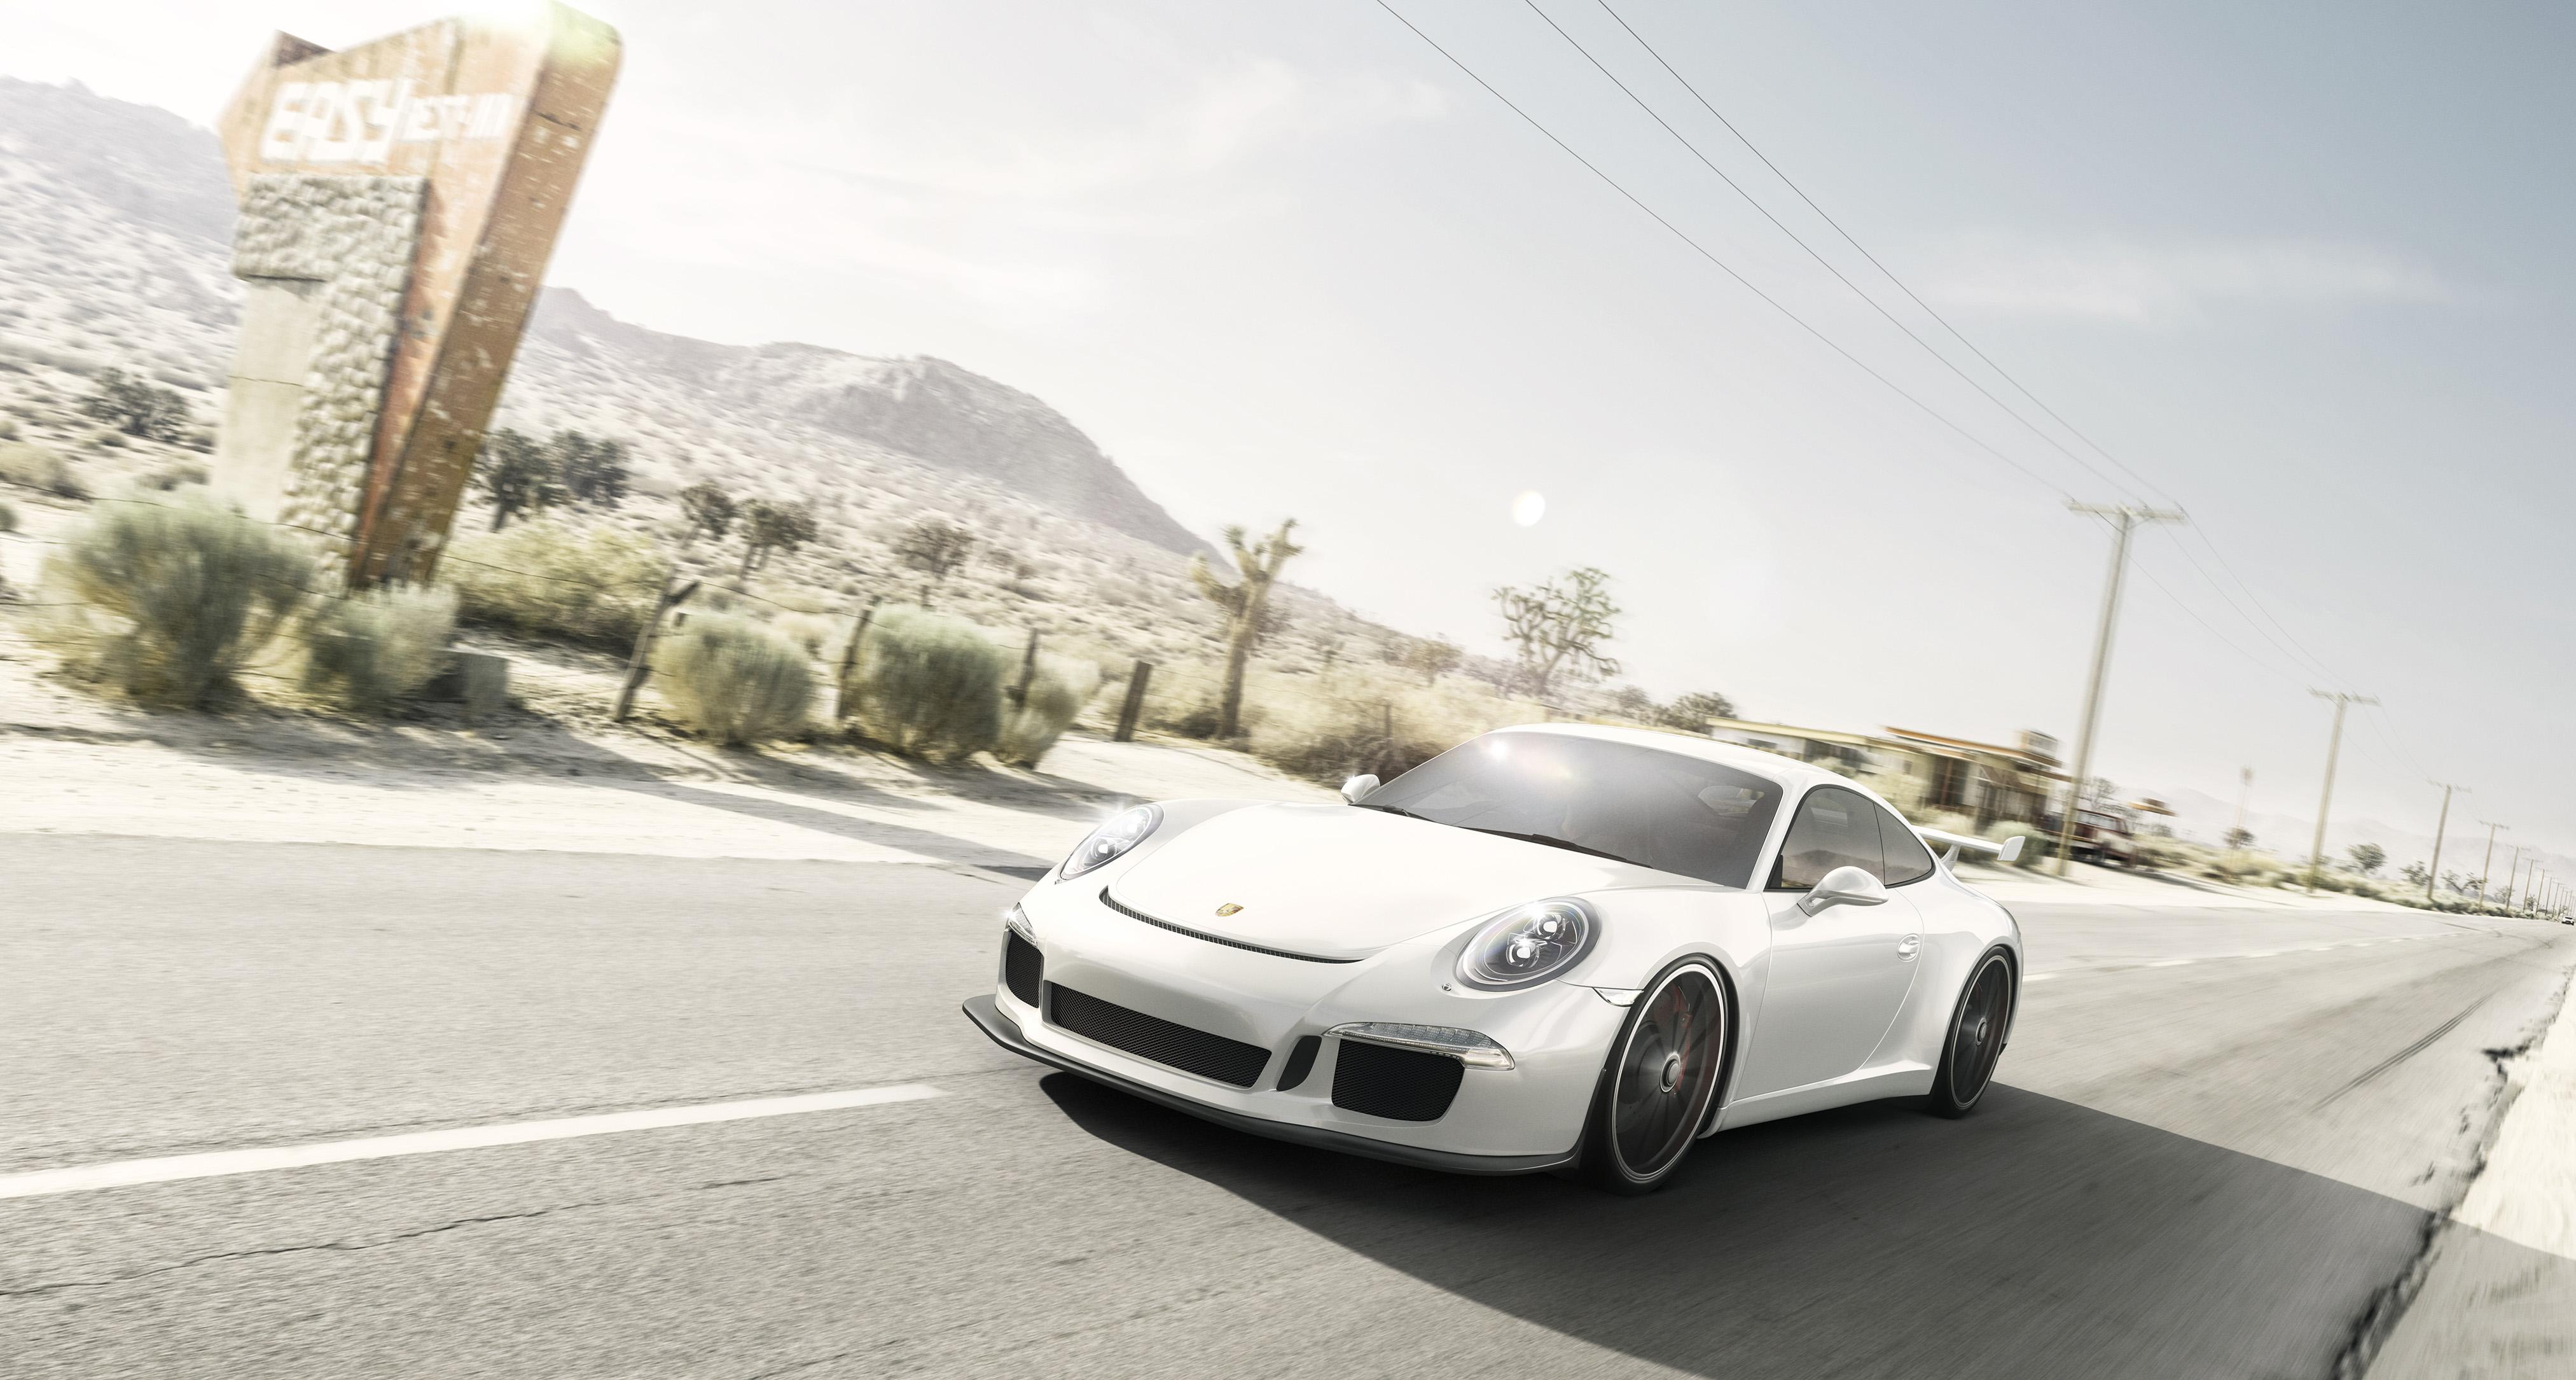 6344_Desert_Porsche_03 copy